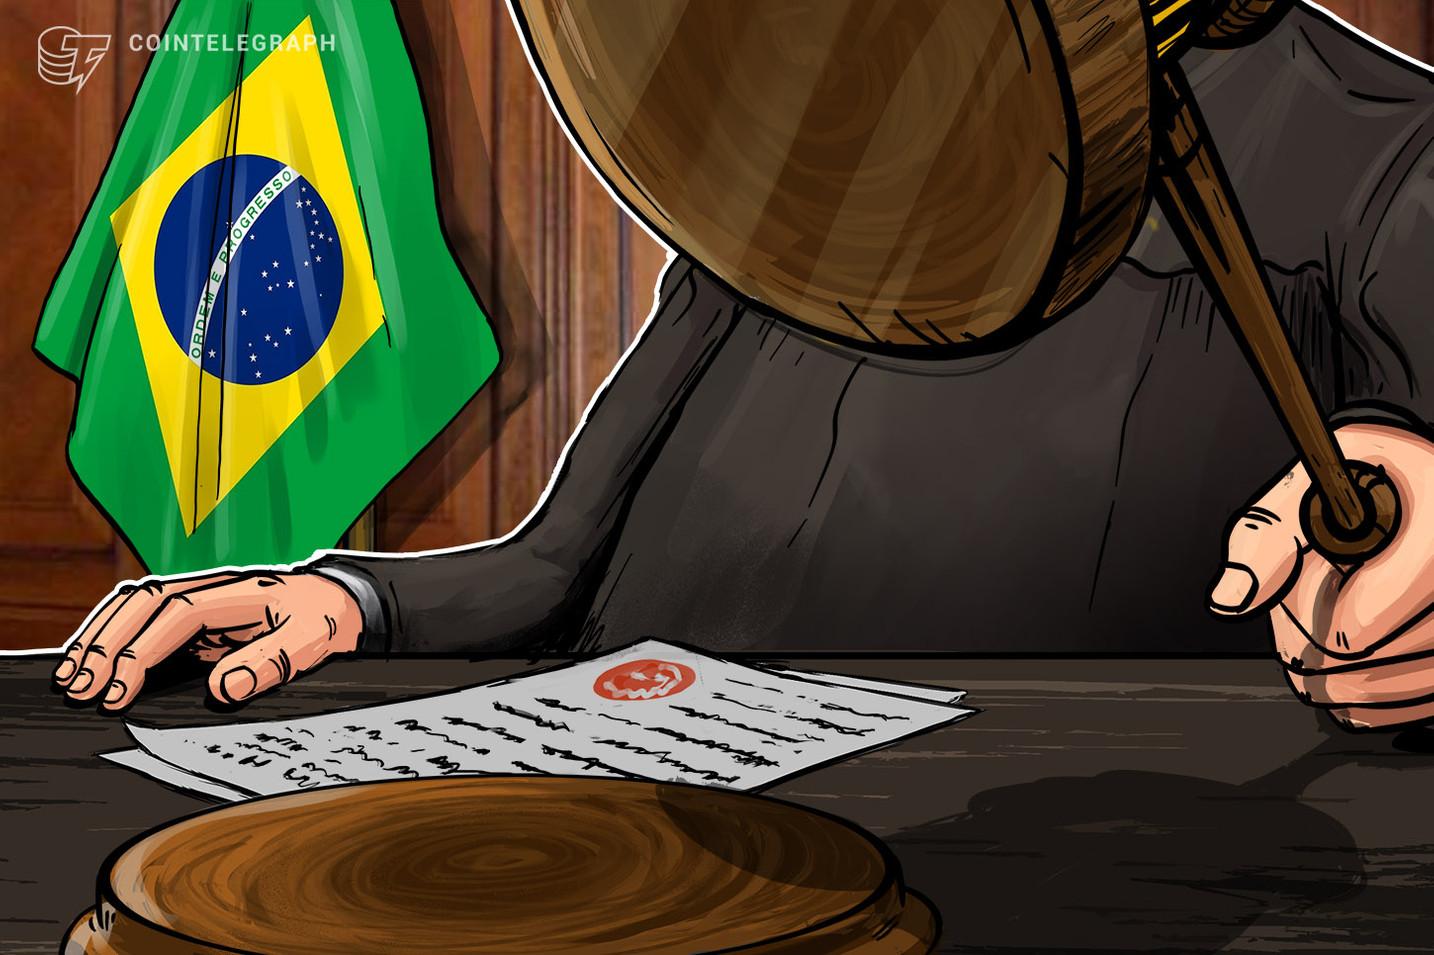 CVM condena day trader a pagar multa de mais de R$ 500 mil por negociações irregulares na Bolsa de Valores